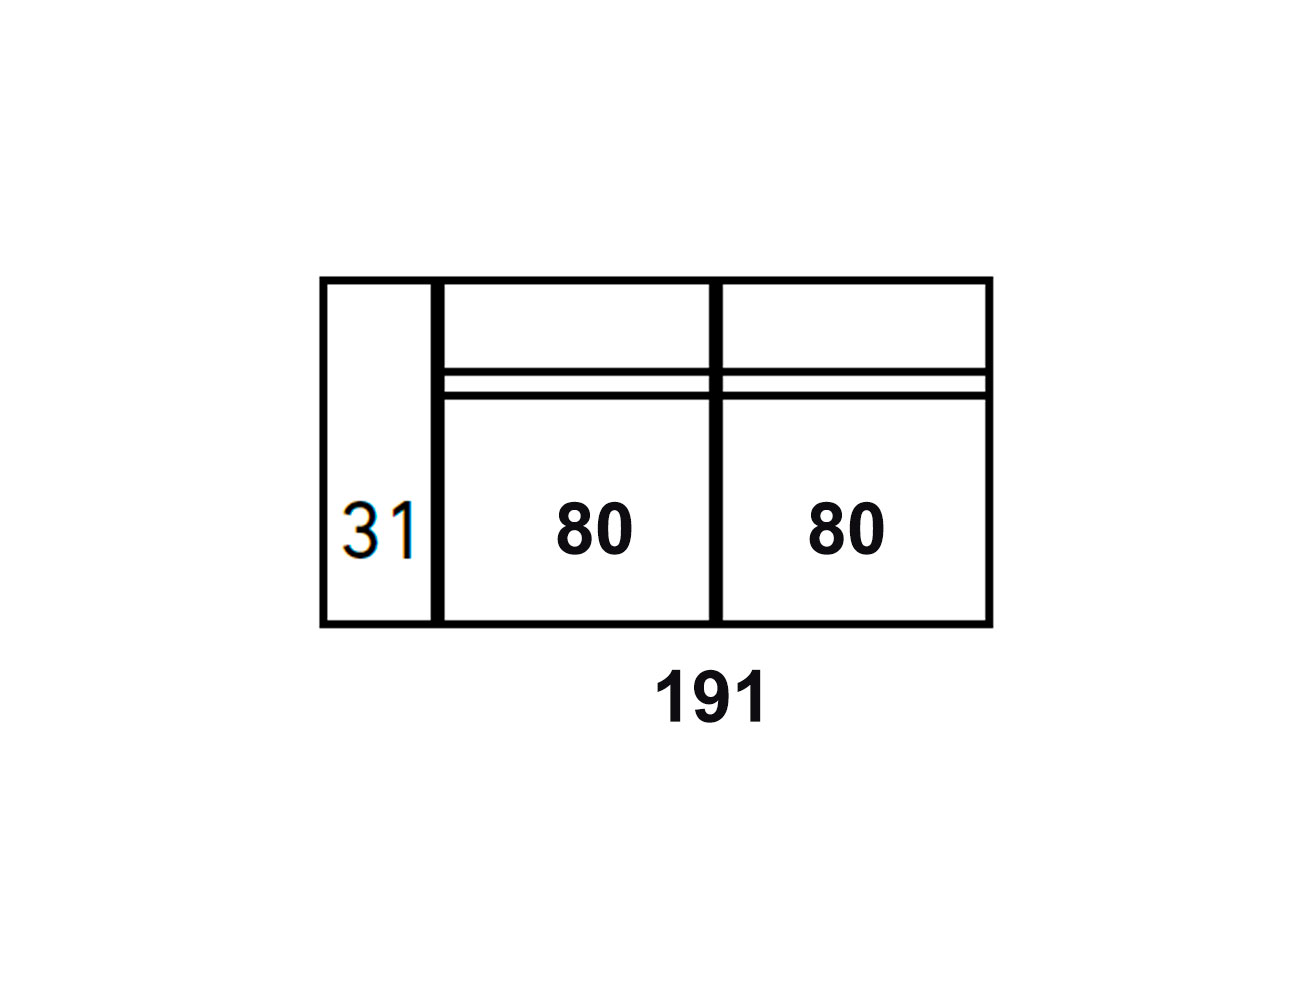 Modulo 3p 19110